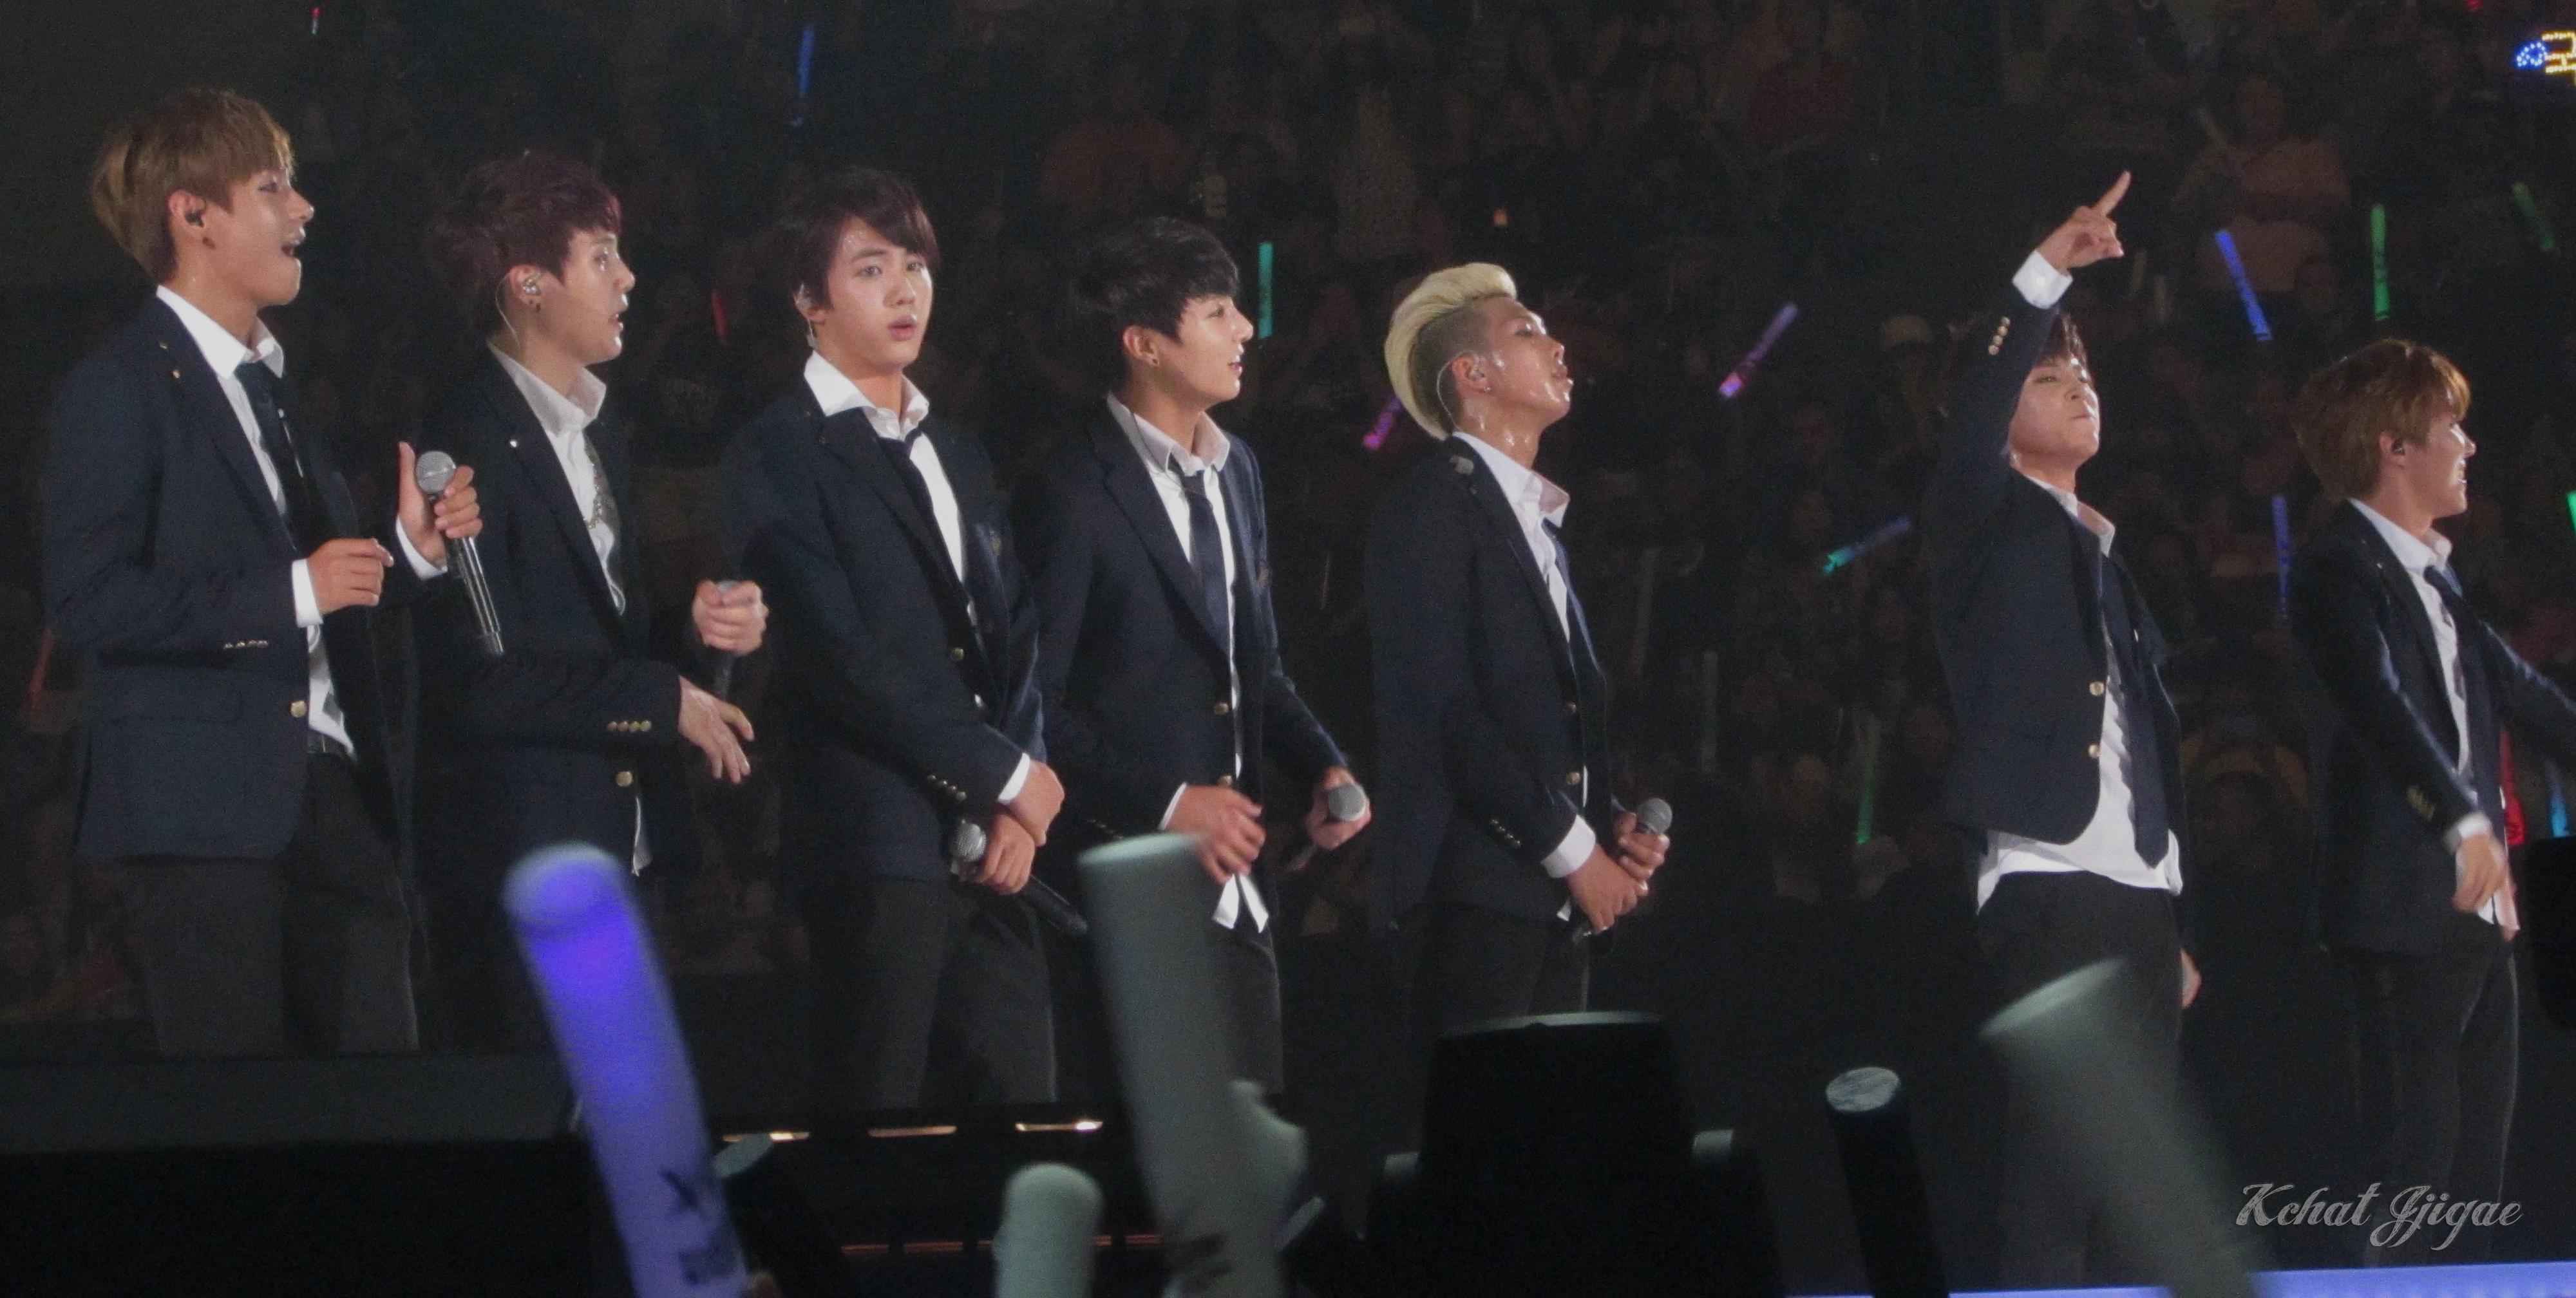 BTS KCON 2014 All 4